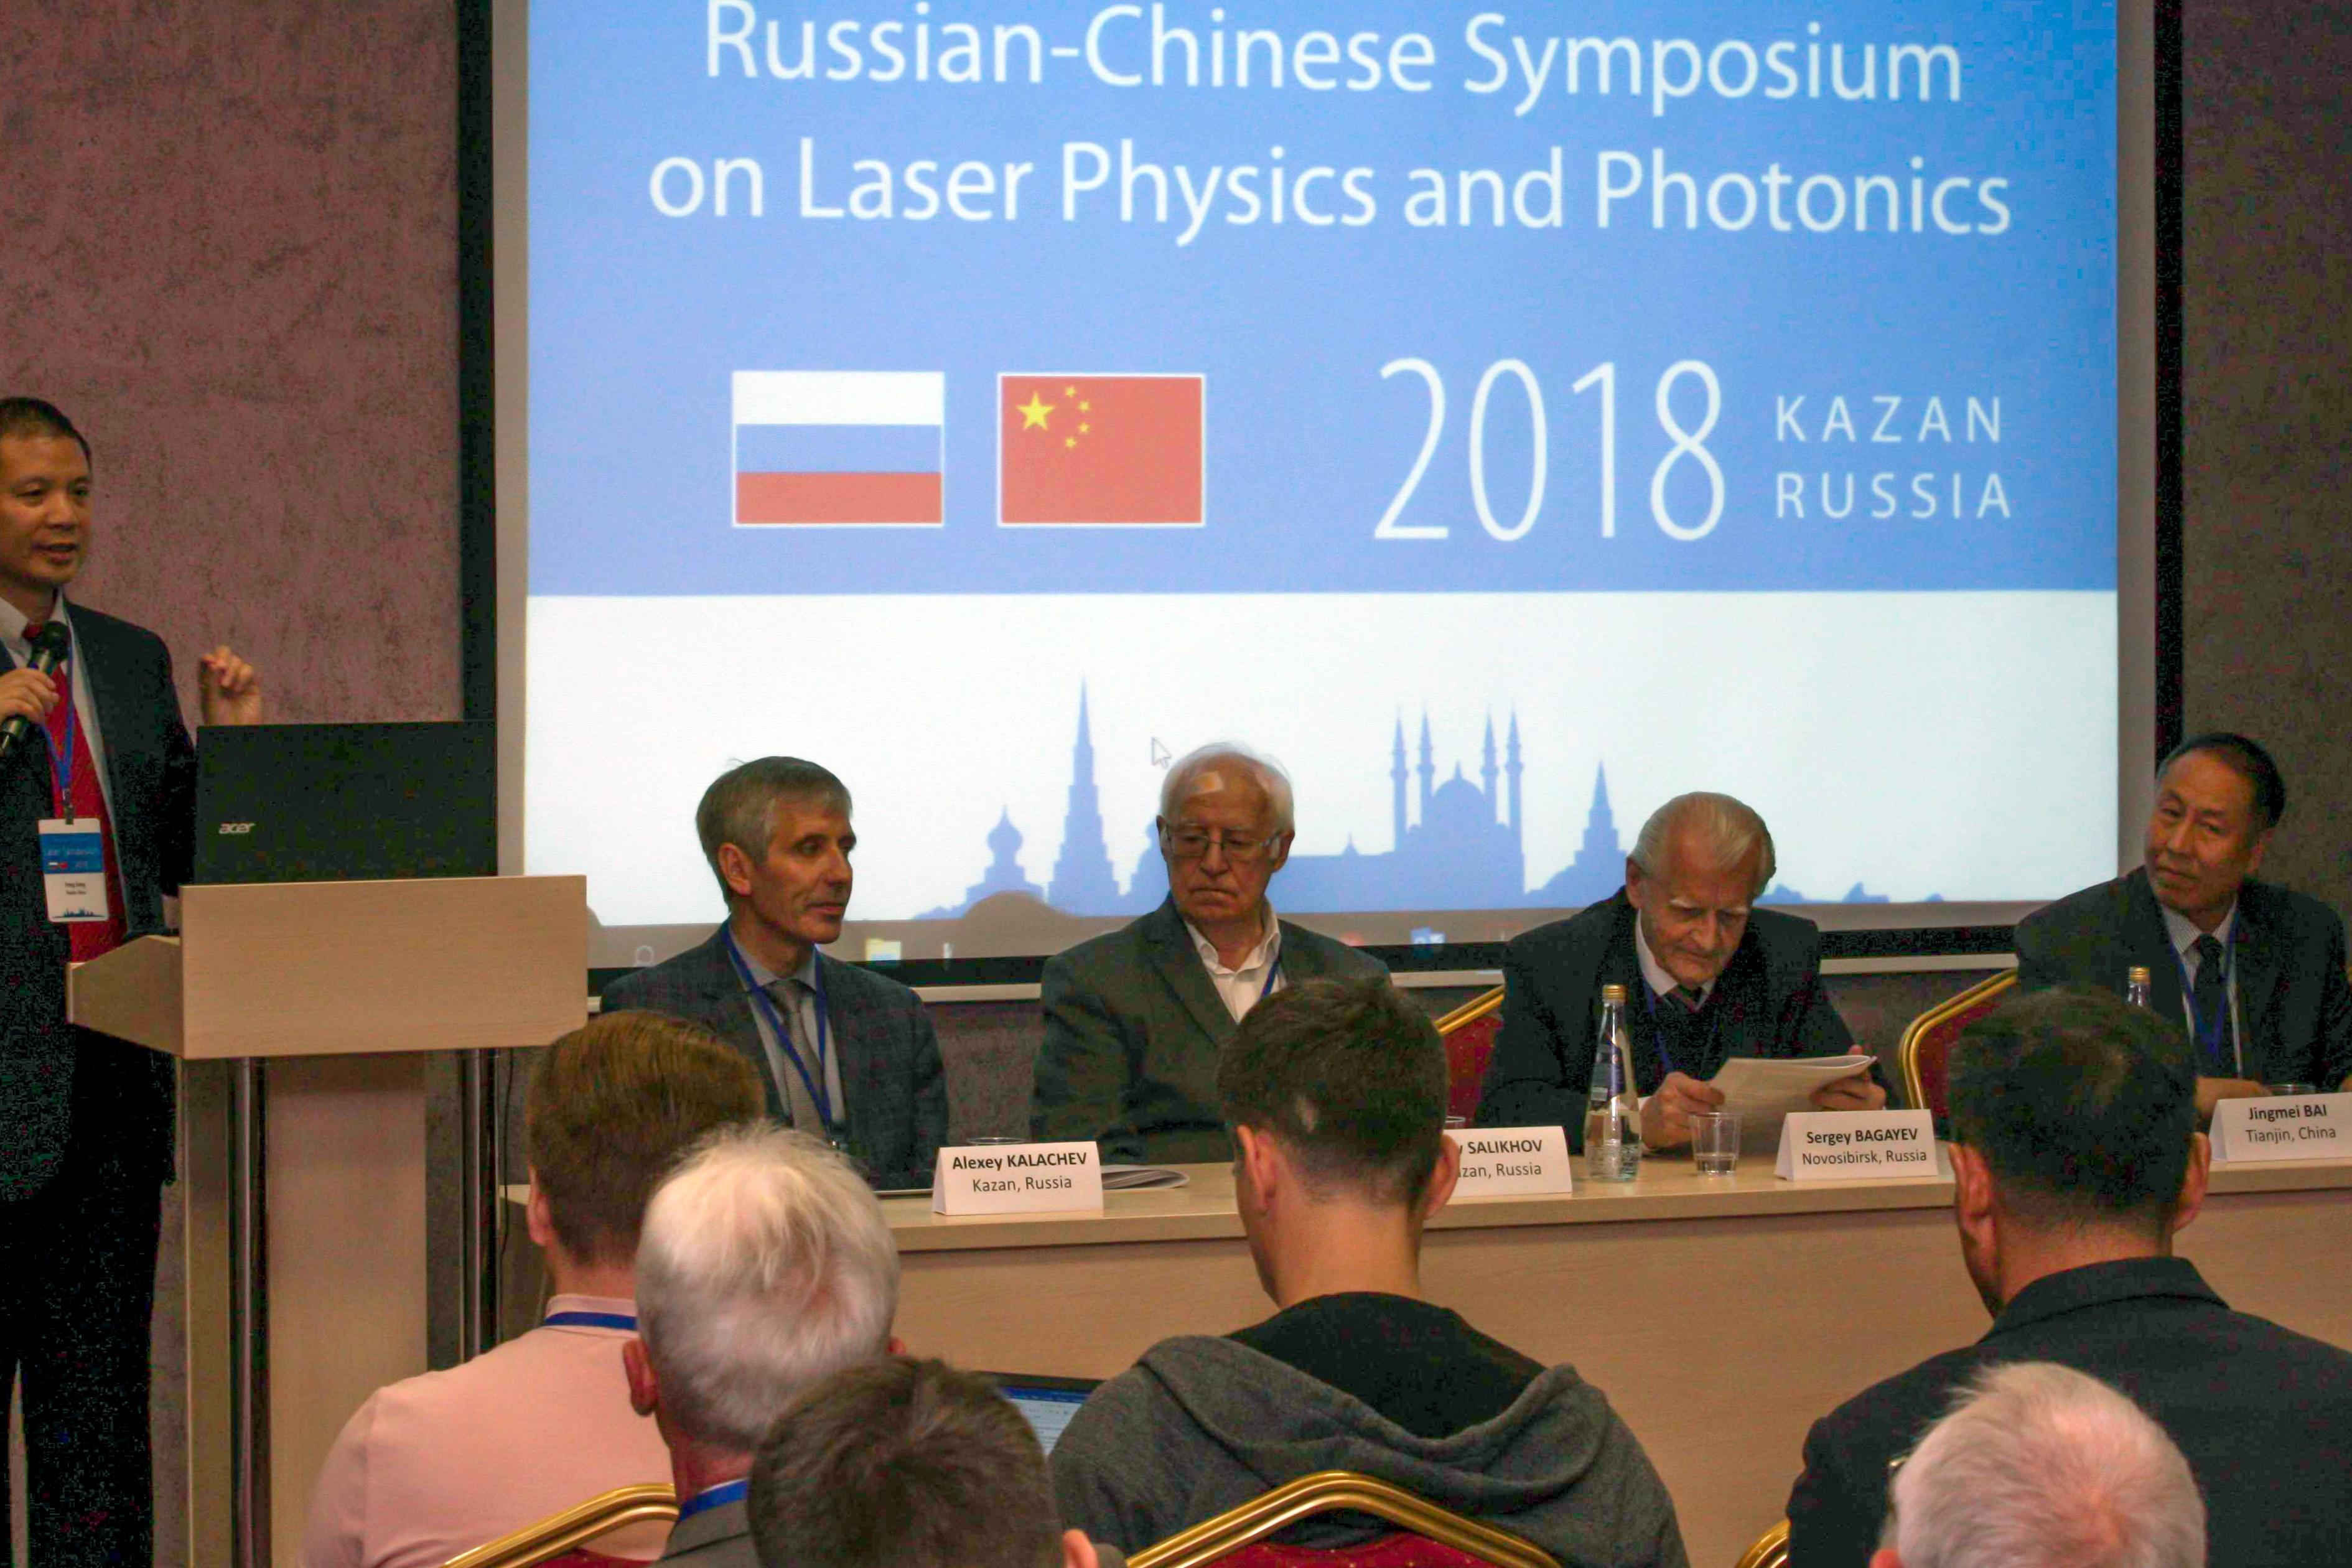 Российско-китайский симпозиум по лазерной физике и фотонике